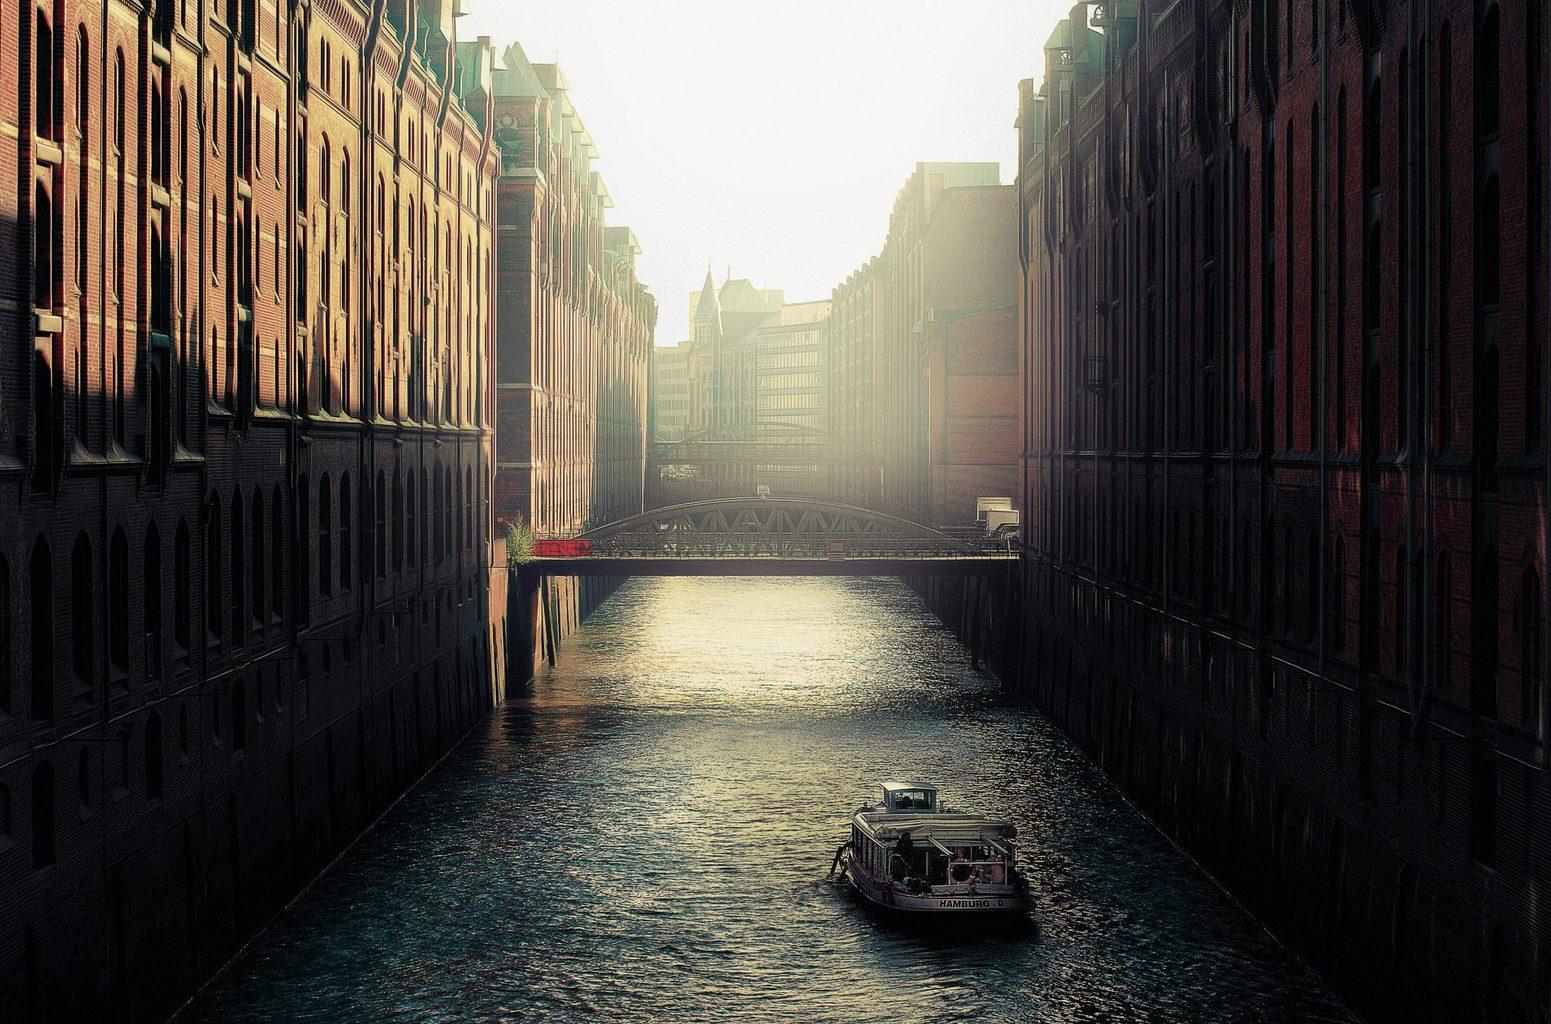 Een van de mooiste fotospots in Duitsland is de Speicherstadt in Hamburg